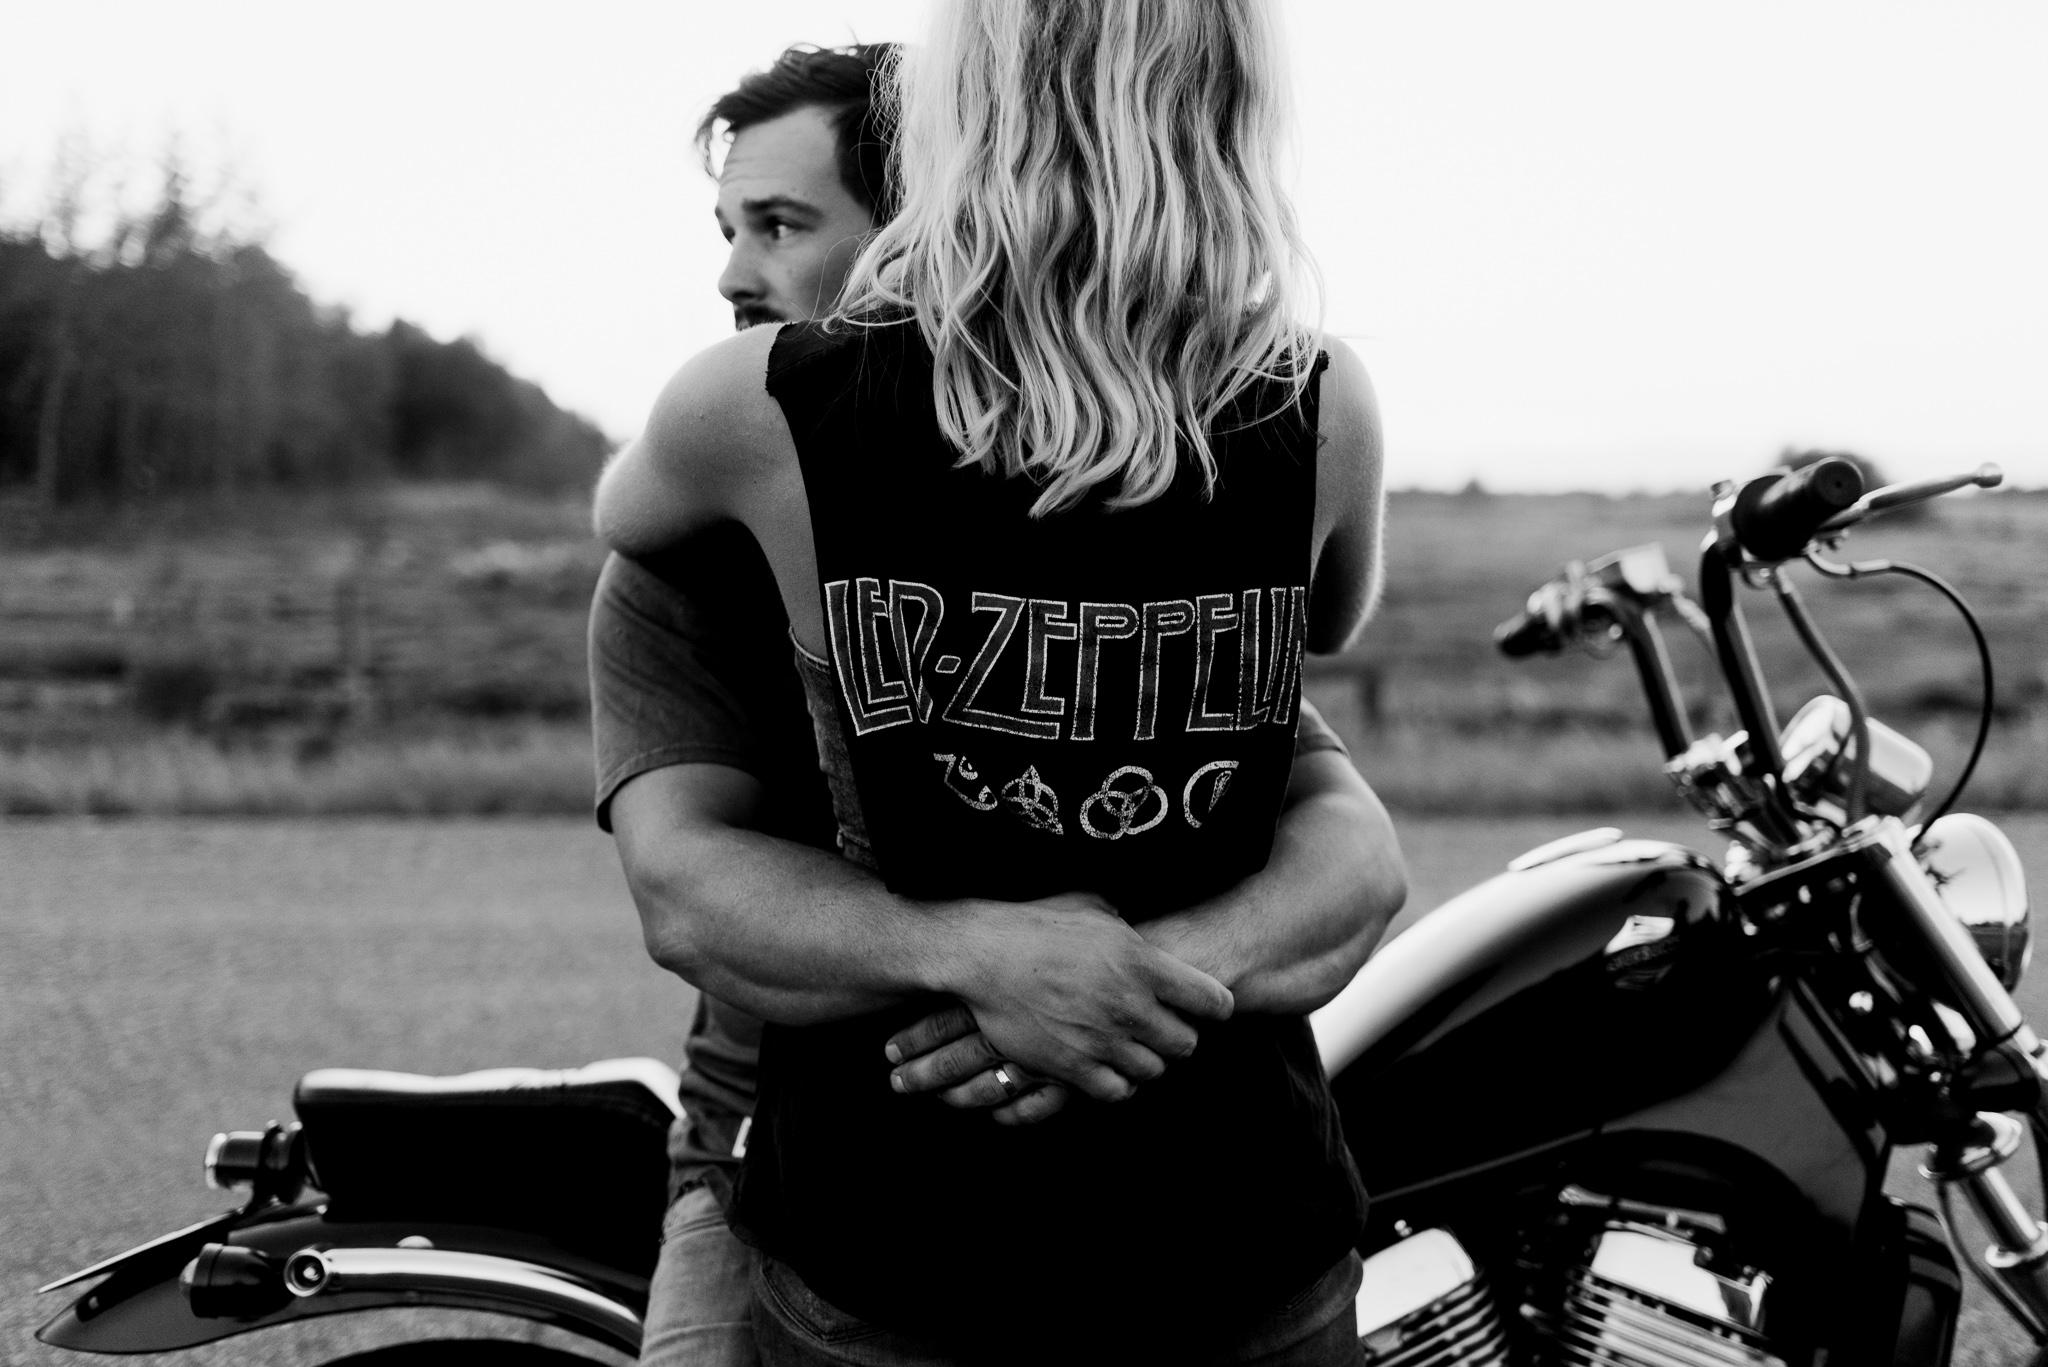 Motorcyclelovin-blog-132.jpg